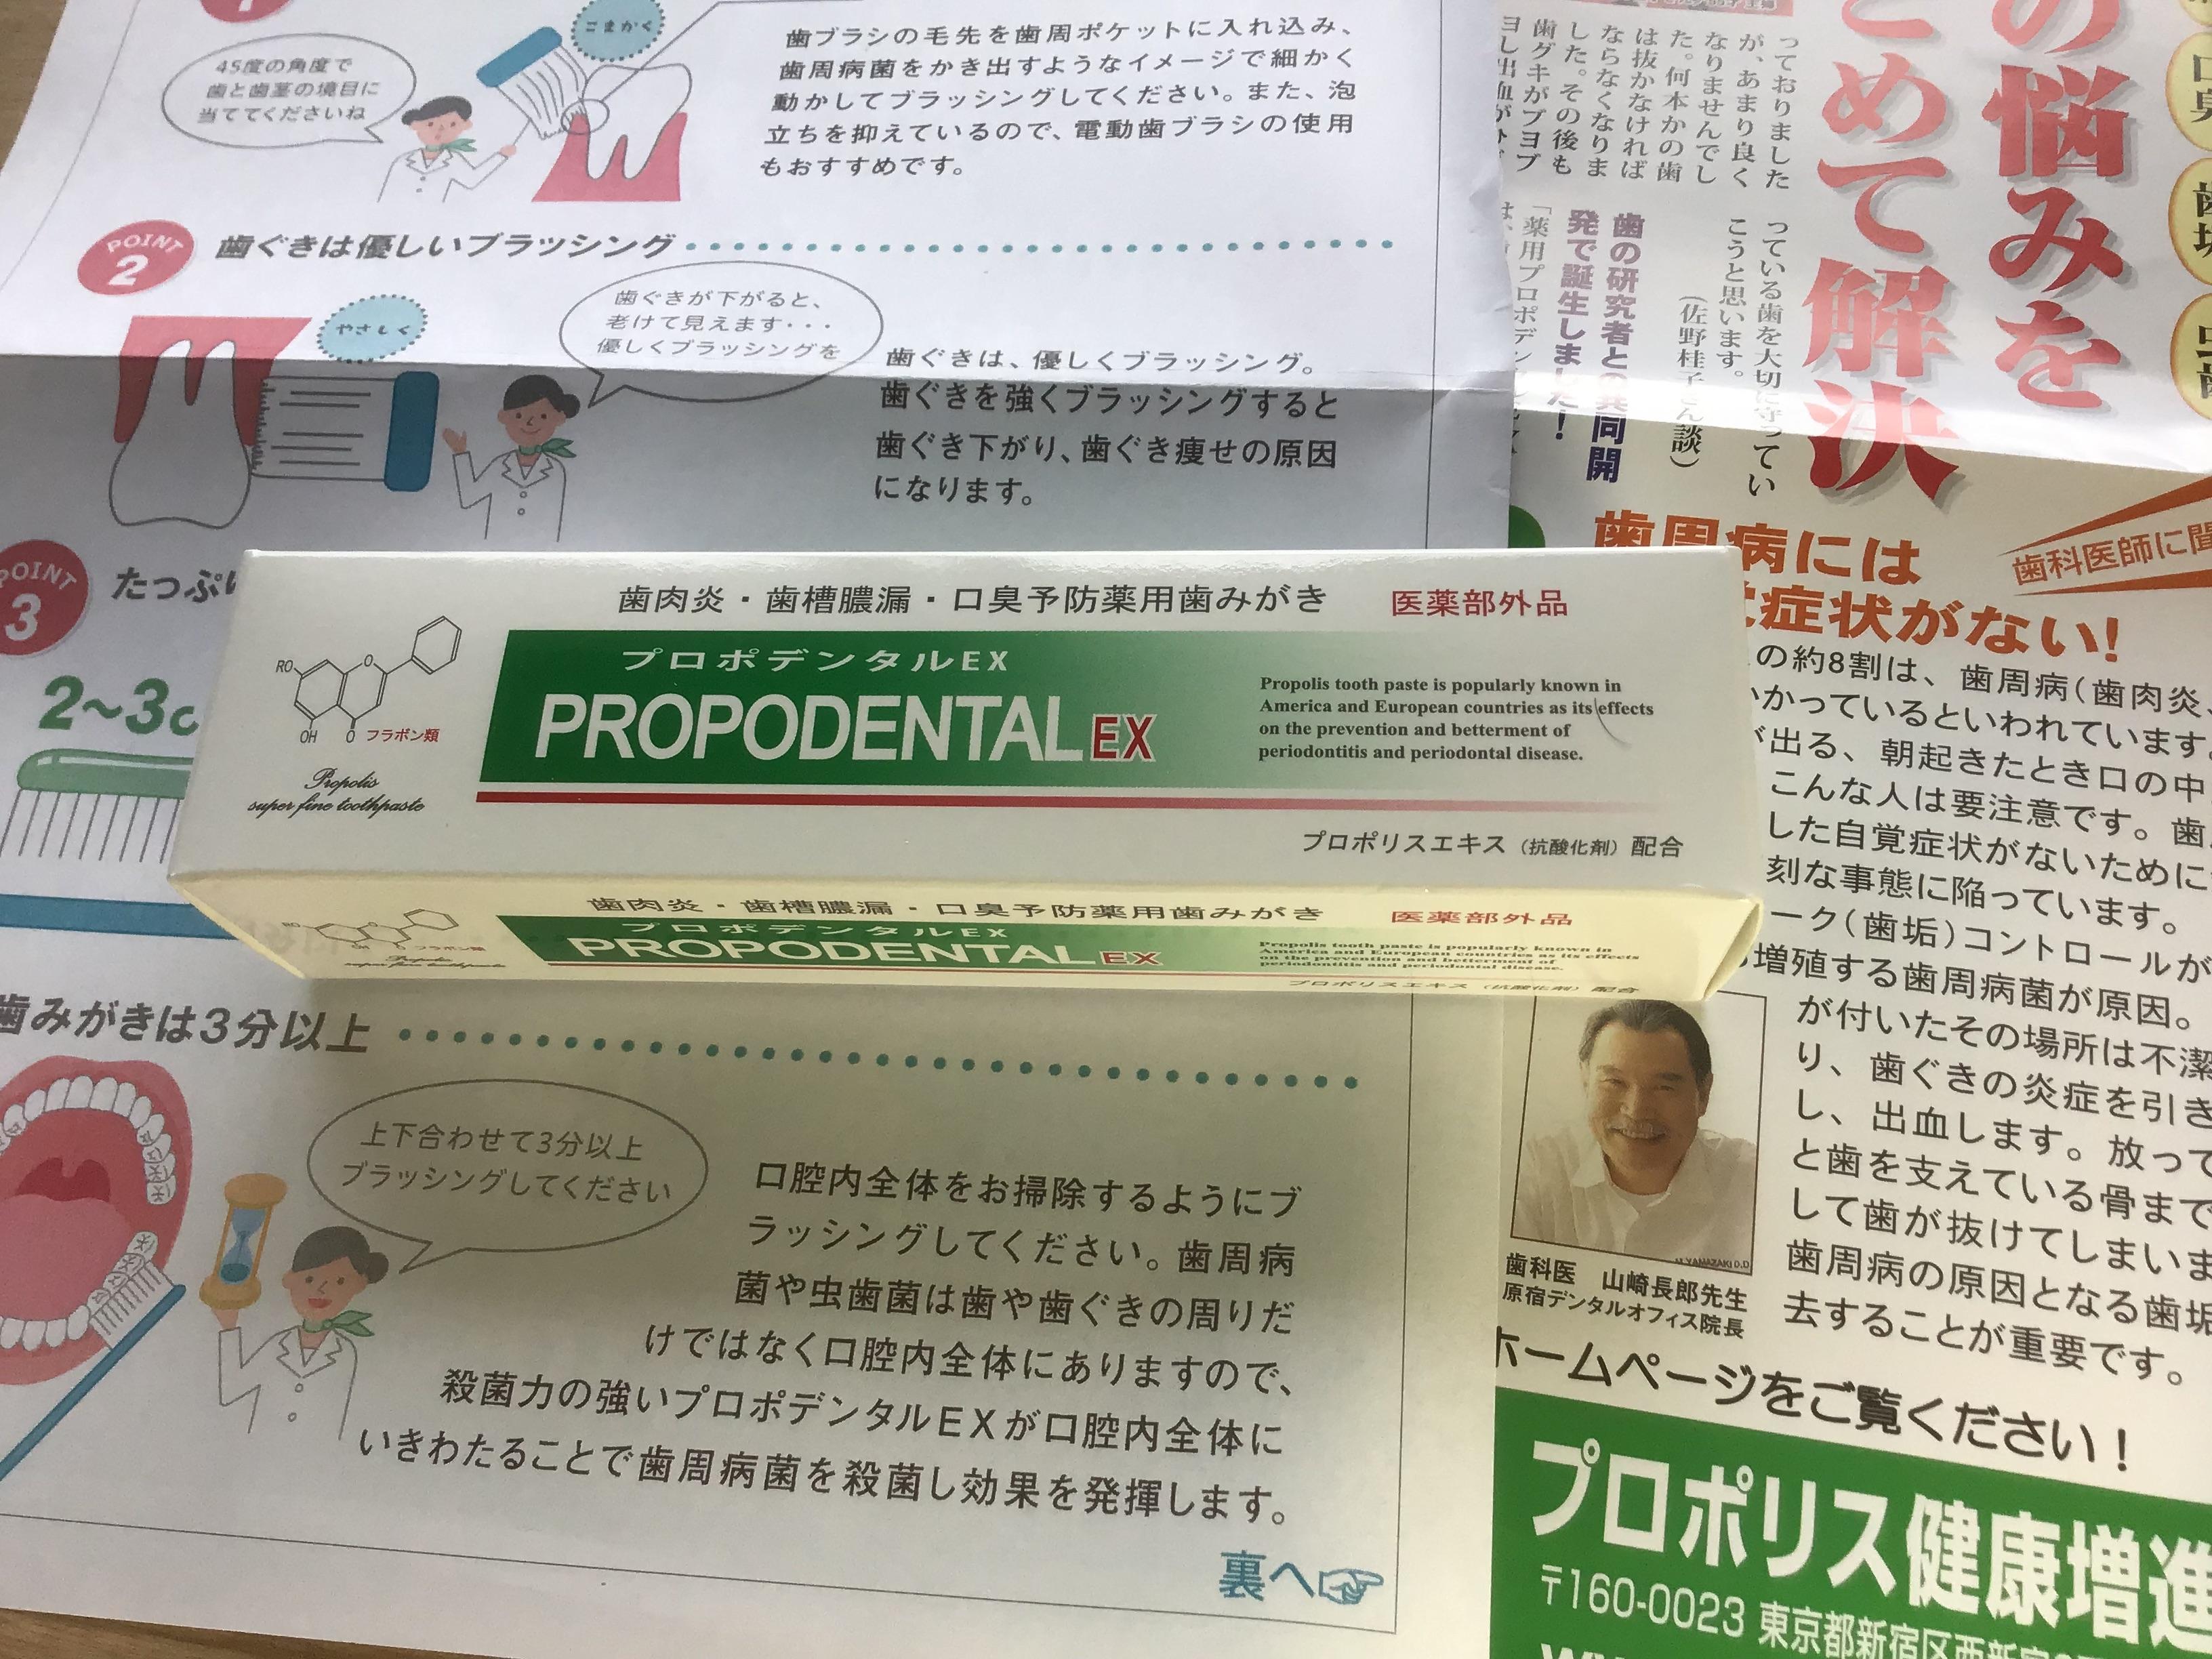 歯周病予防のために歯磨き粉をプロポデンタルEXに変えてみた